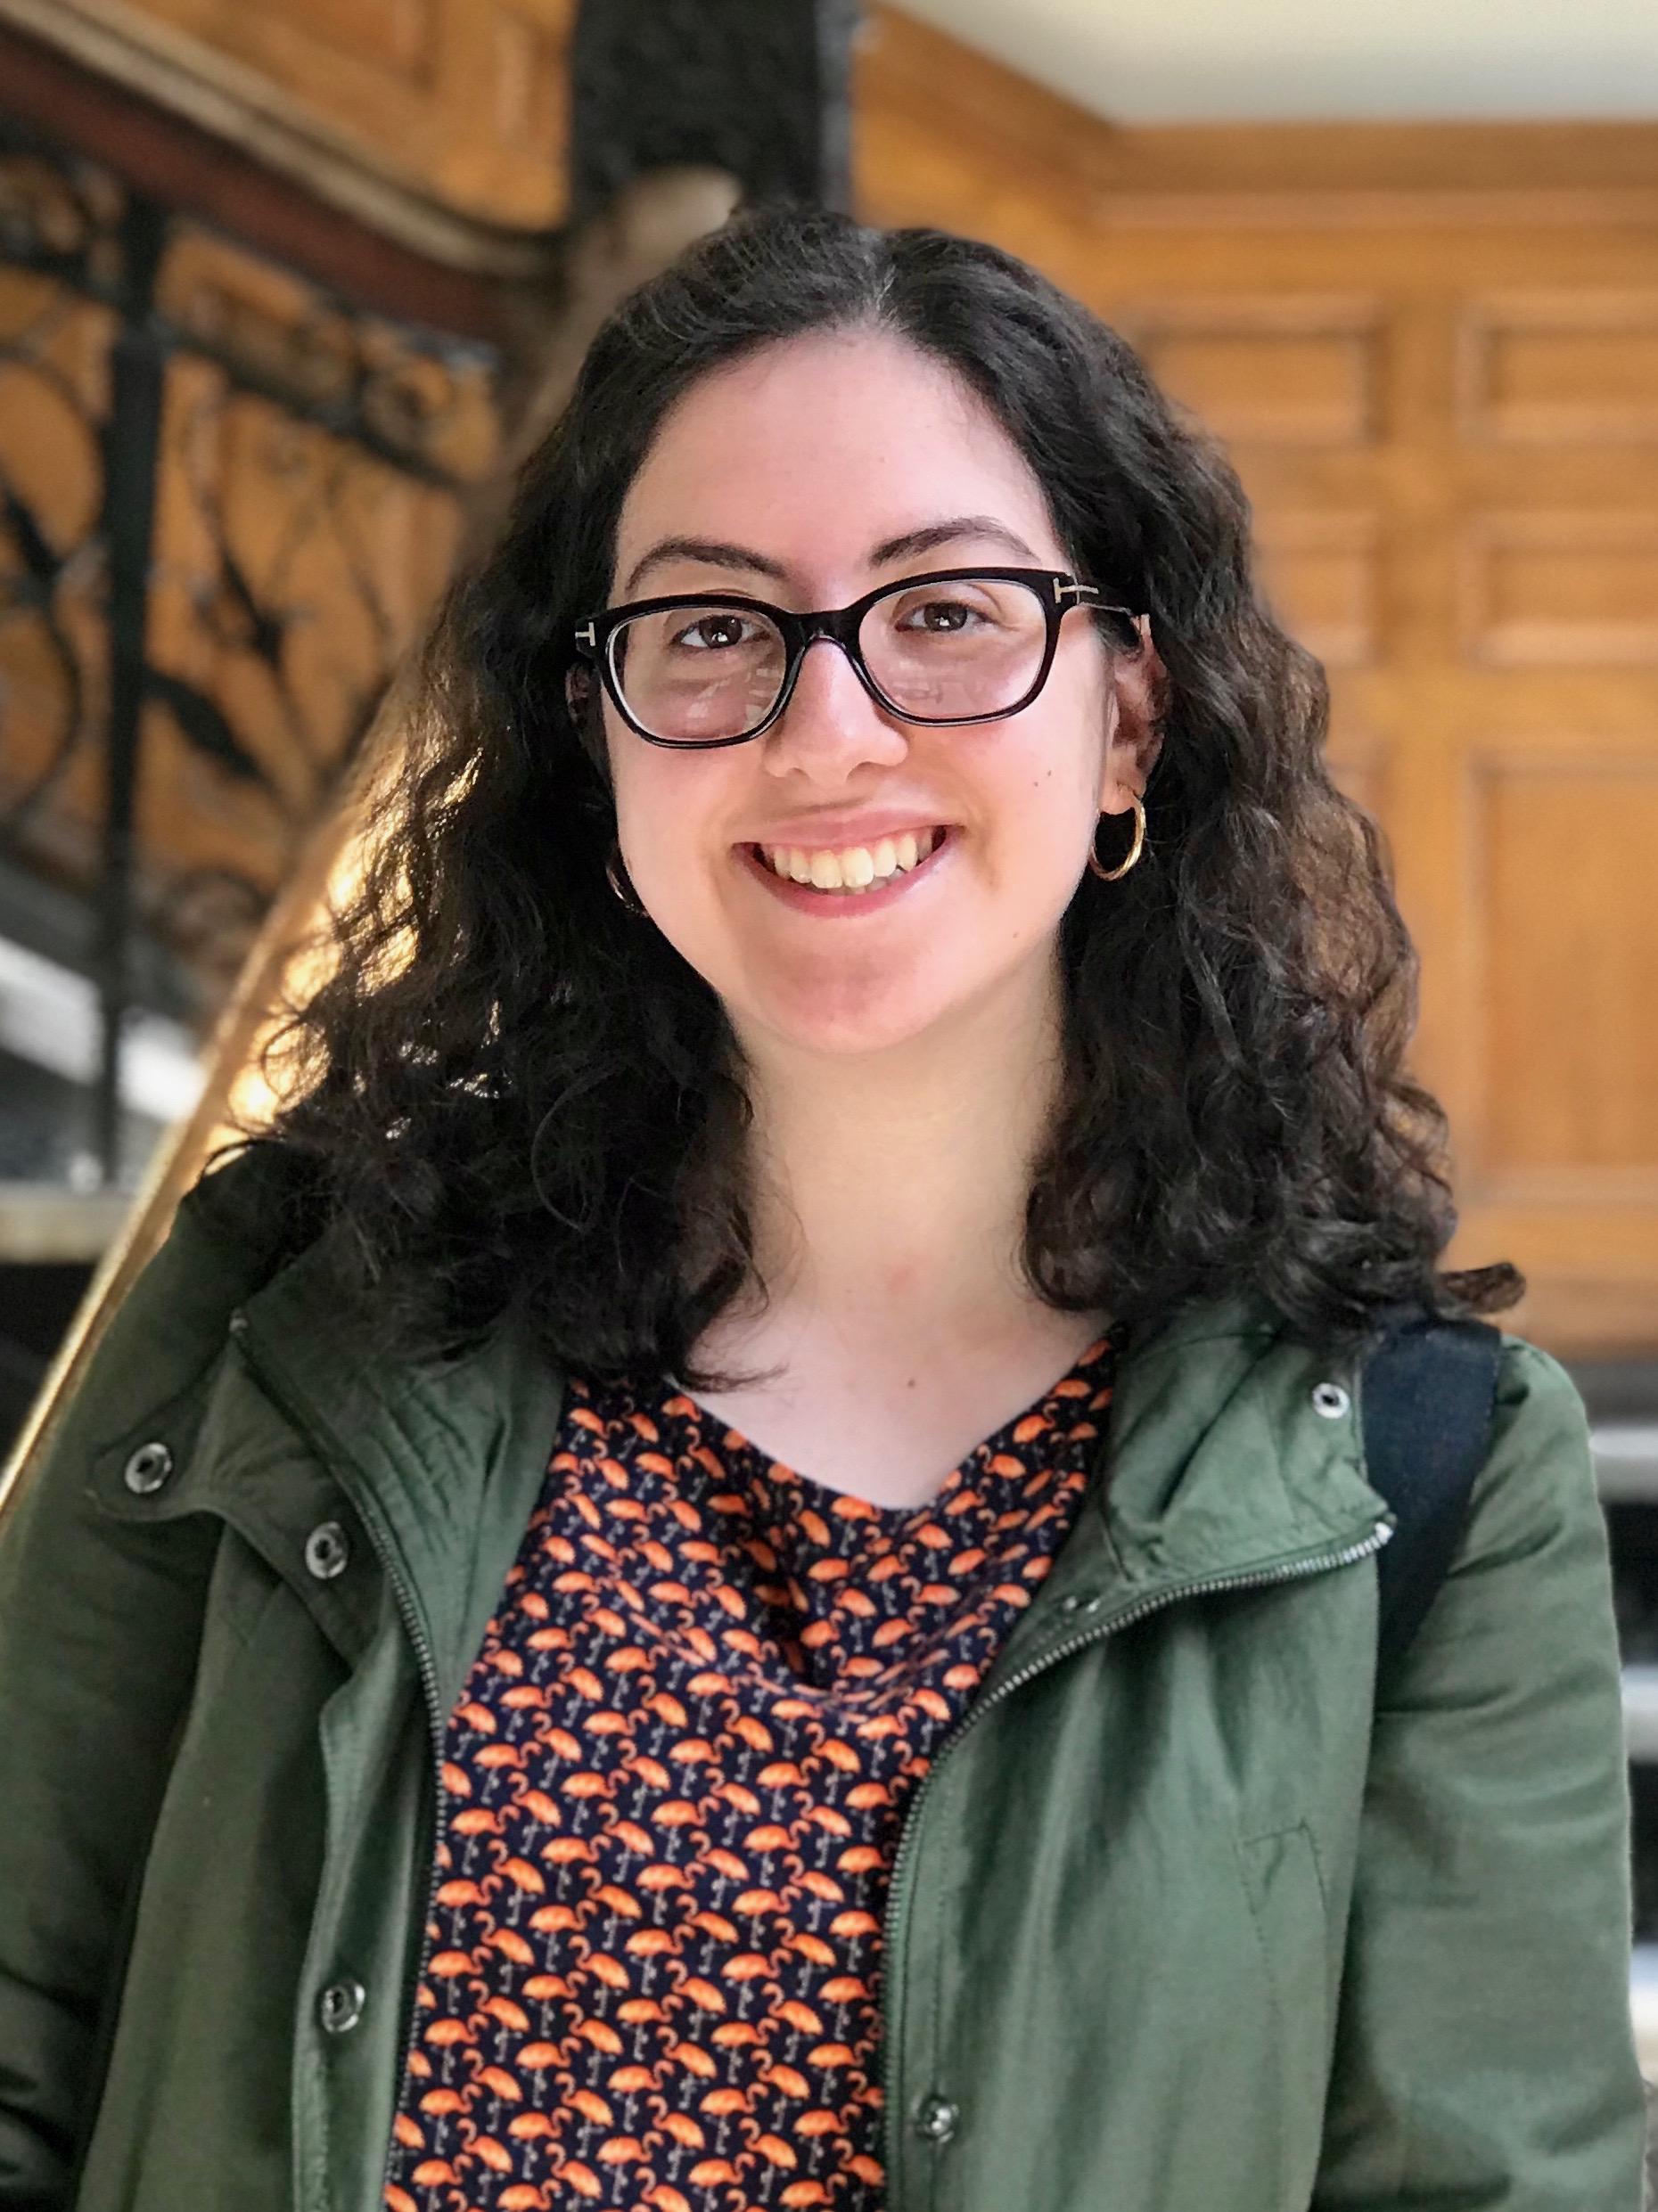 Photo of Tessa Di Vizio, TRIN